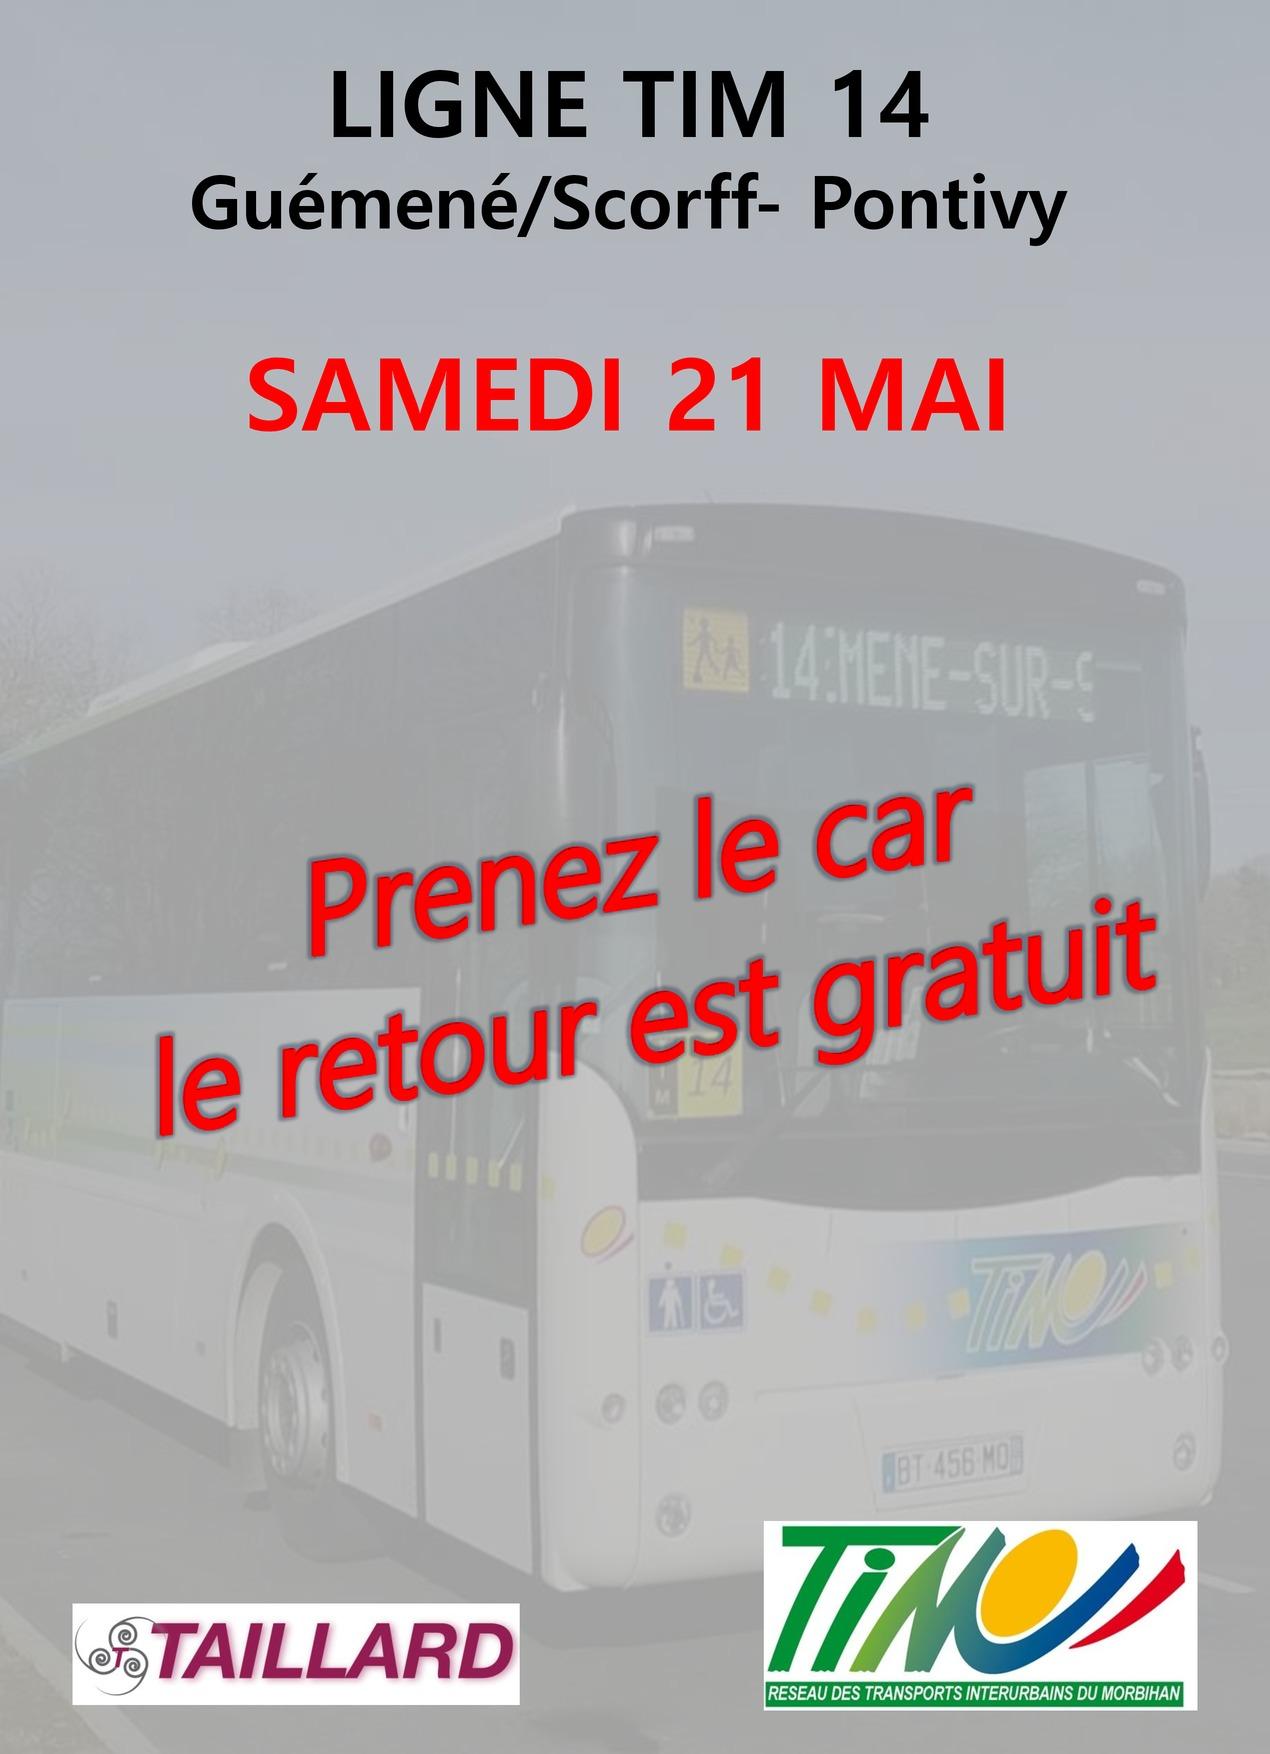 prenez_le_car_retour_gratuit_21